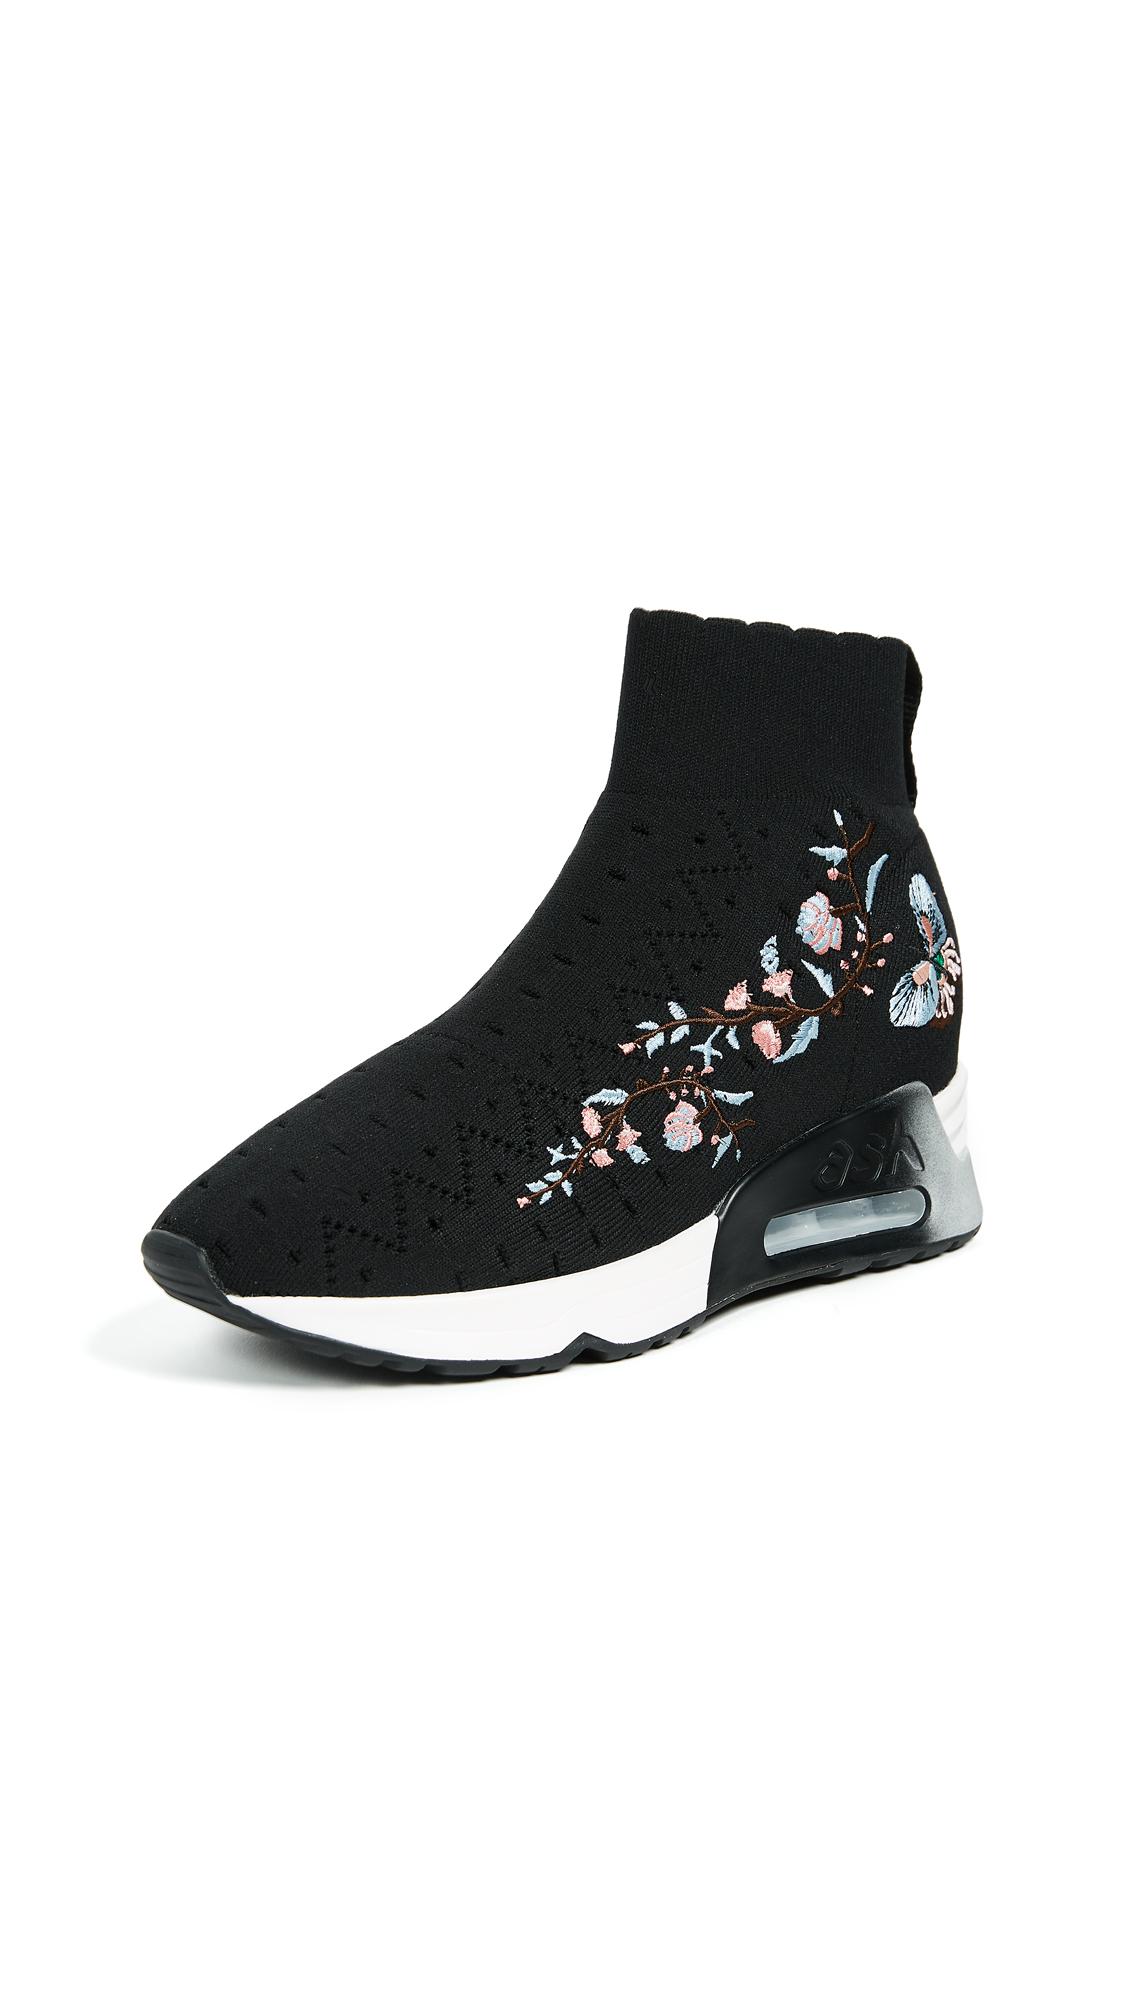 Ash Lotus Knit Joggers - Black